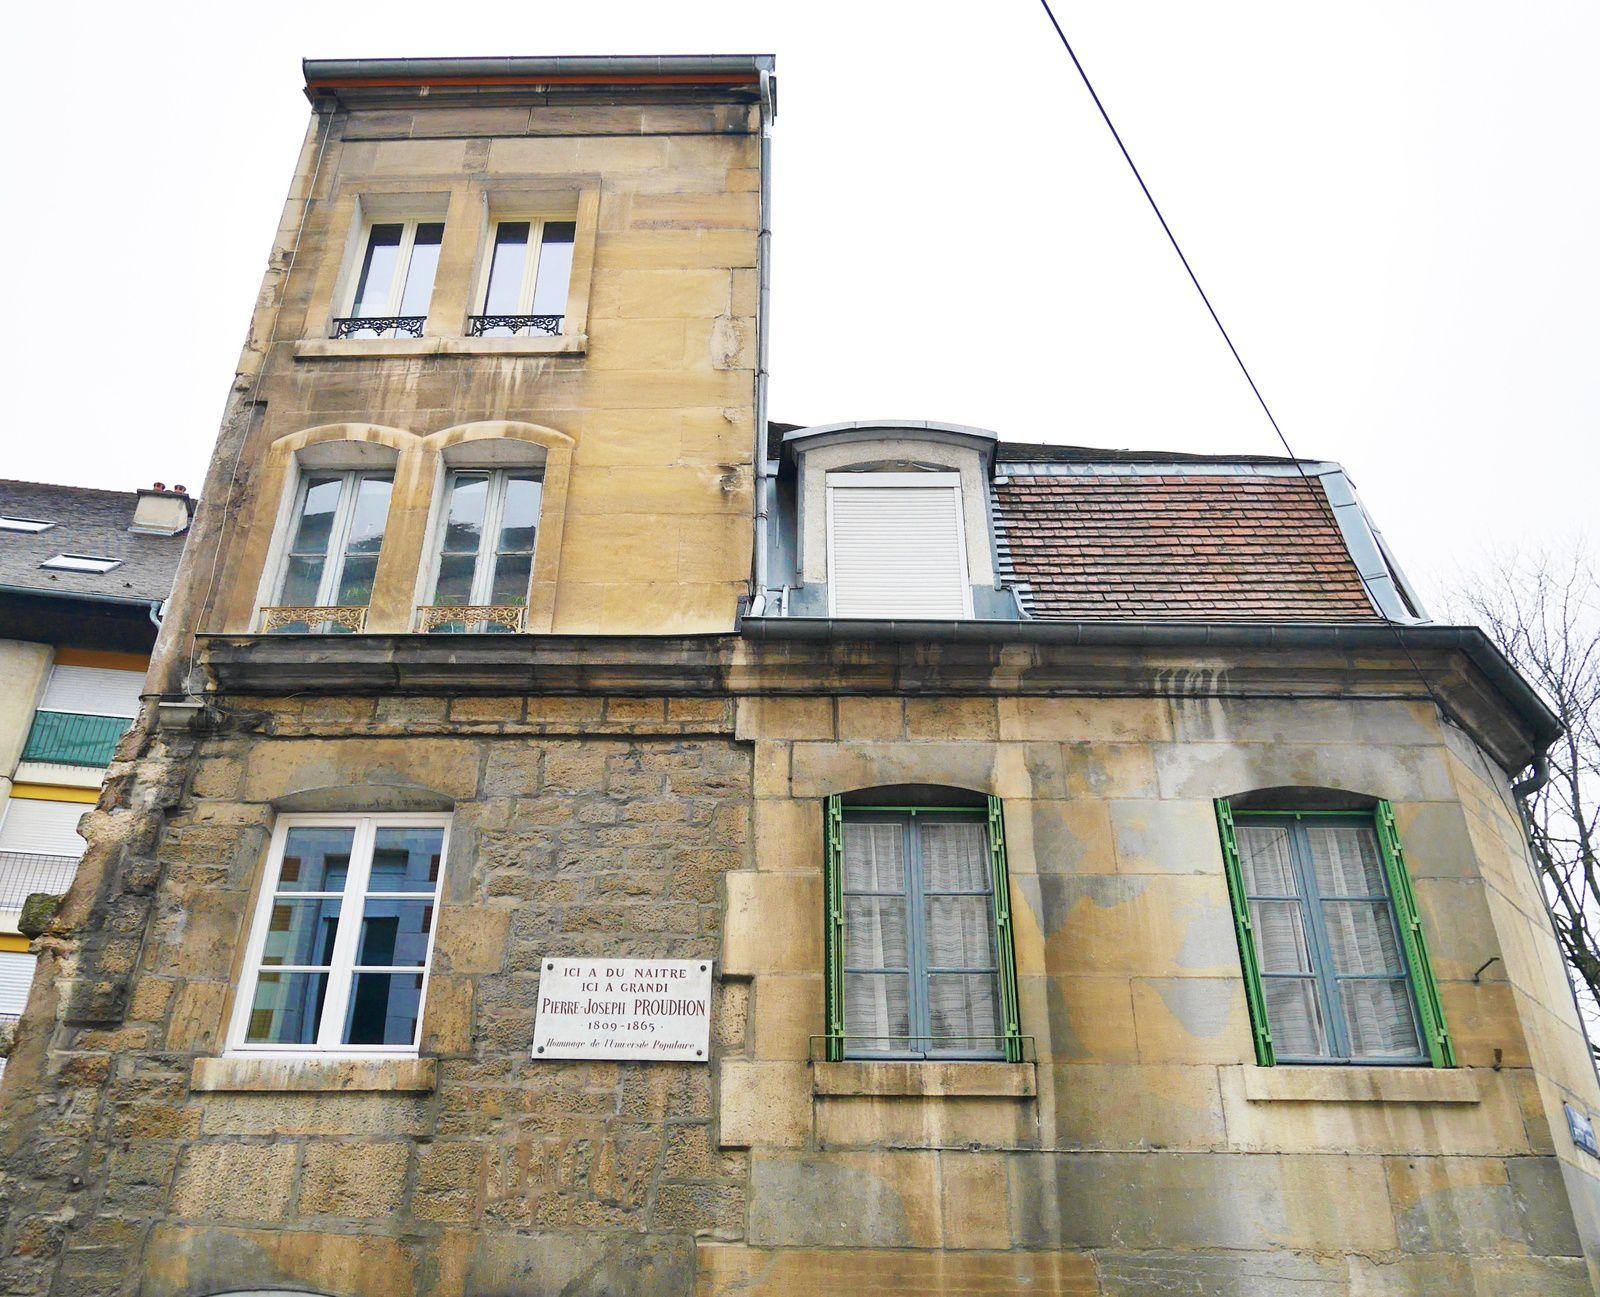 Maison natale de Proudhon